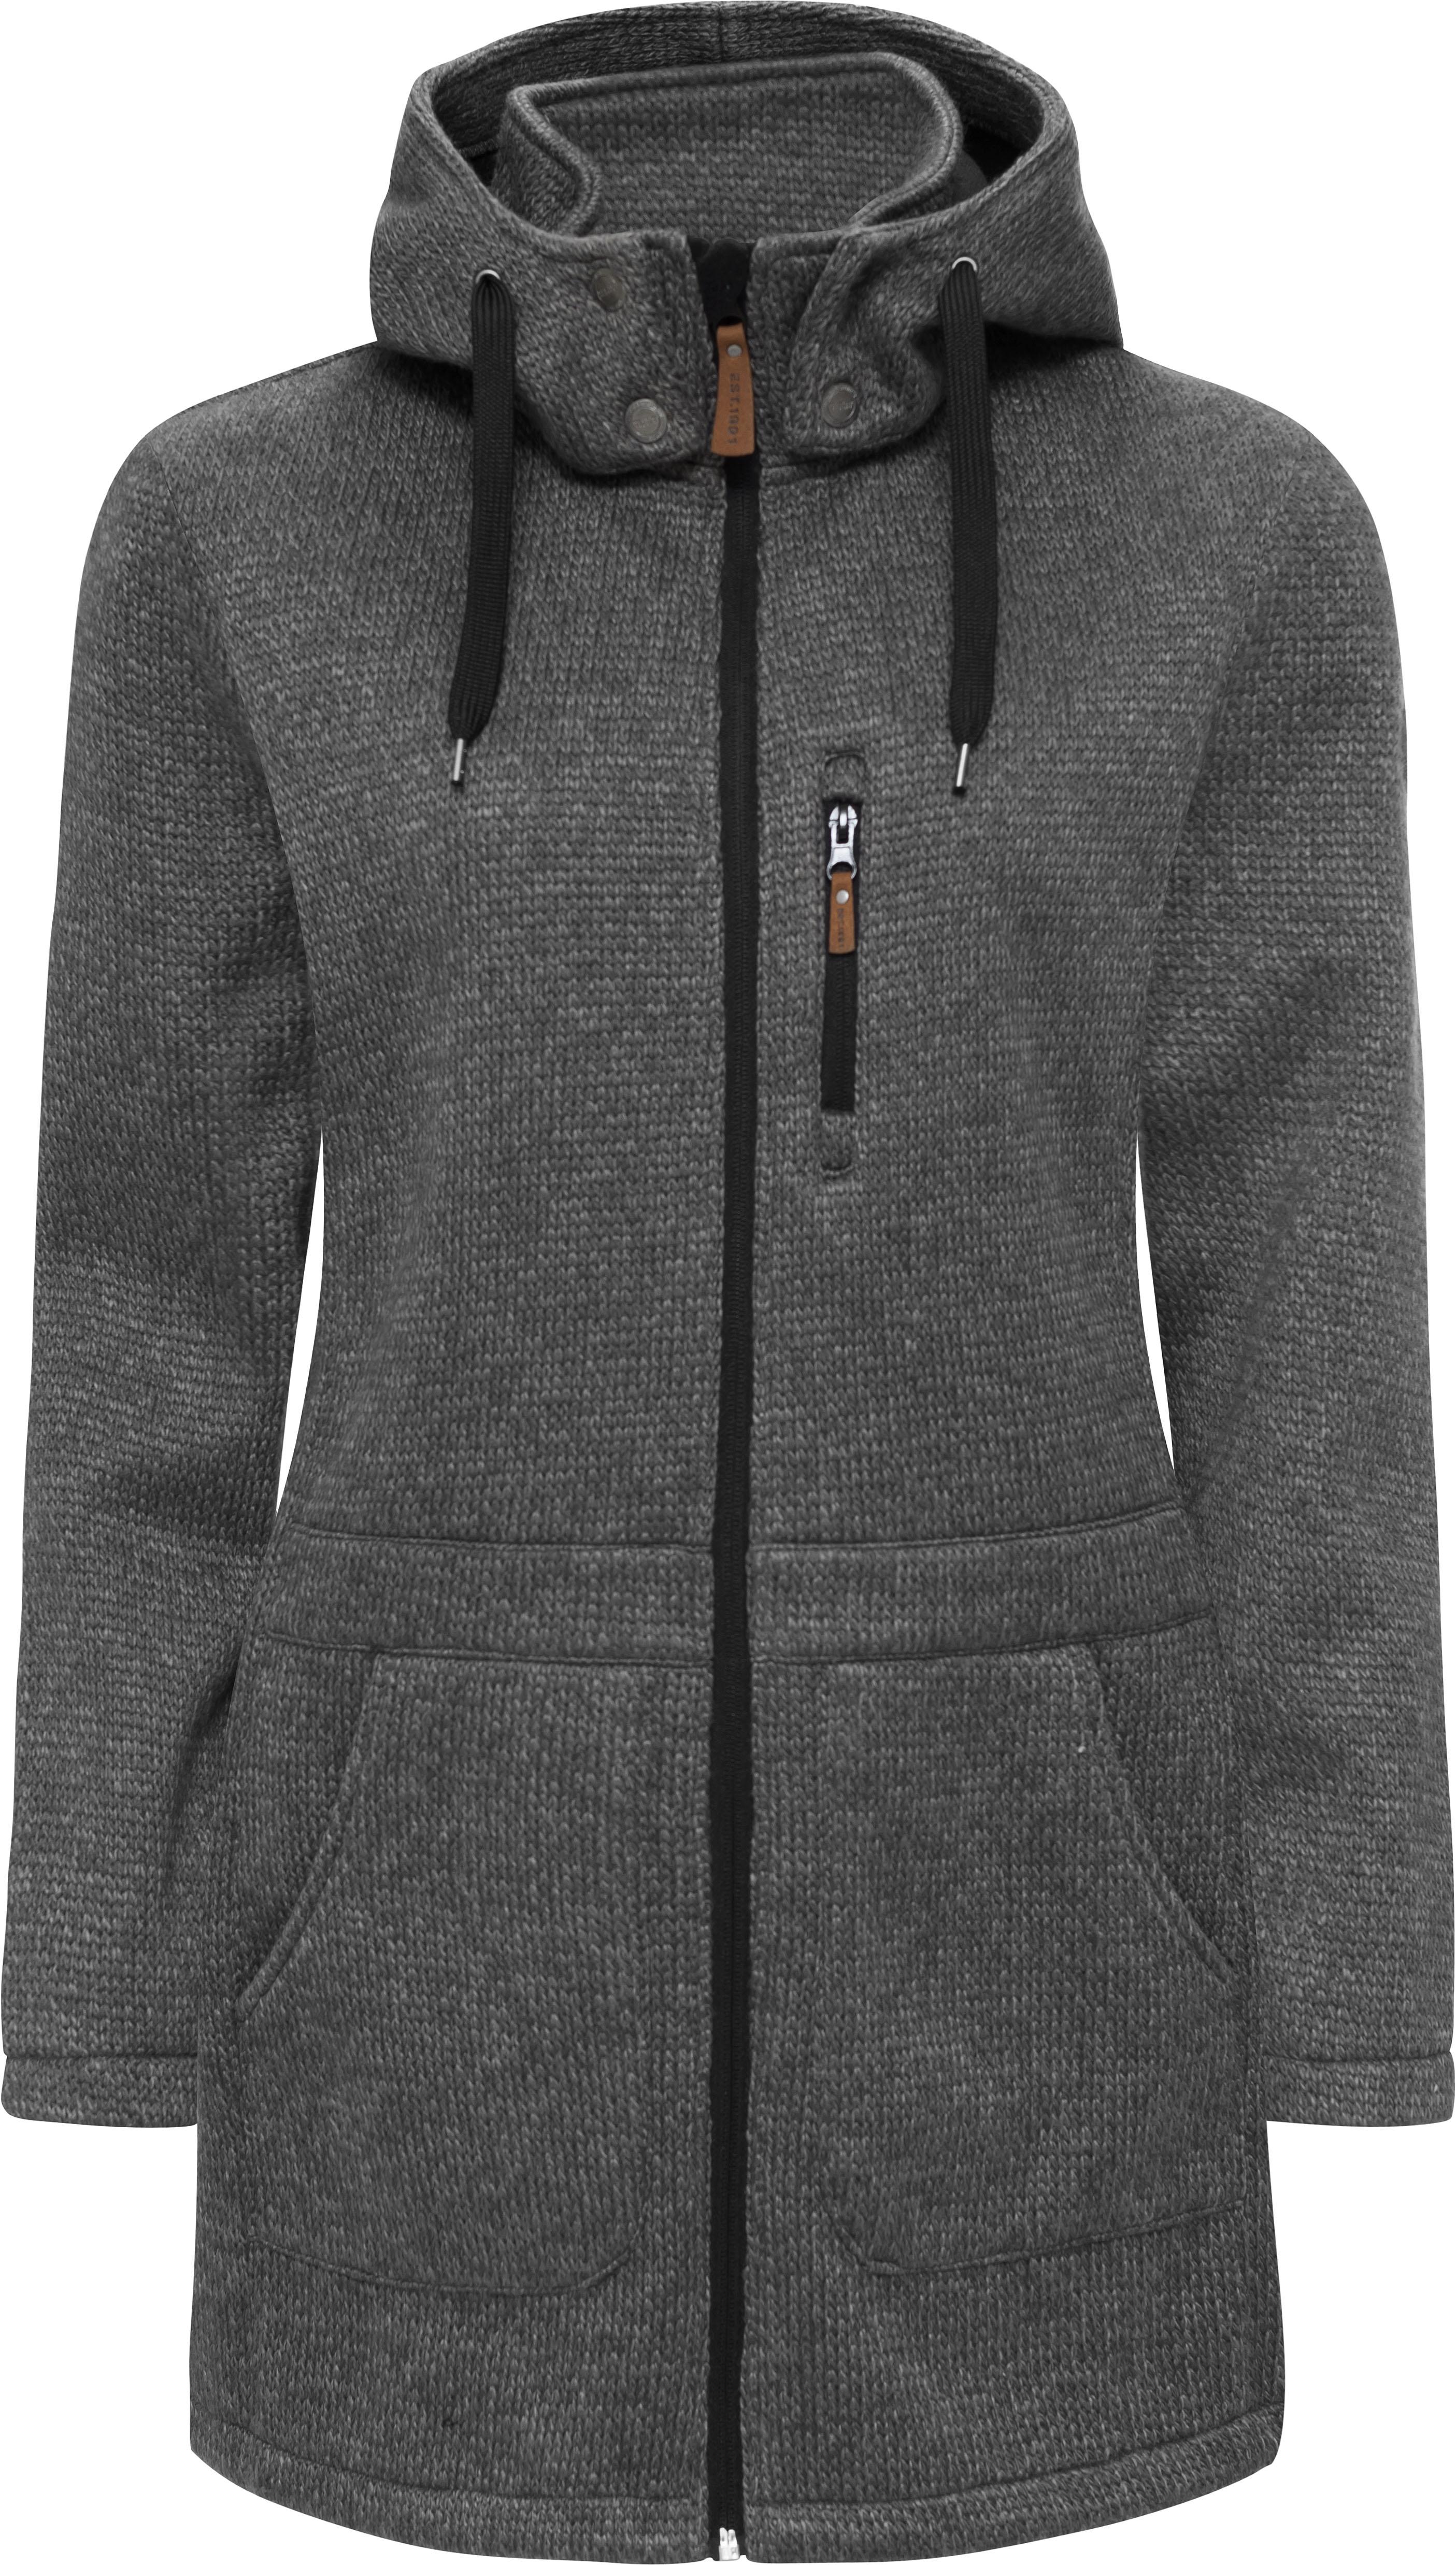 0f0a5465 Weather Report Gwen Lady's Heavy Melange Softshell Jacket - Softshell  jakker - EFFEKTLAGERET ApS